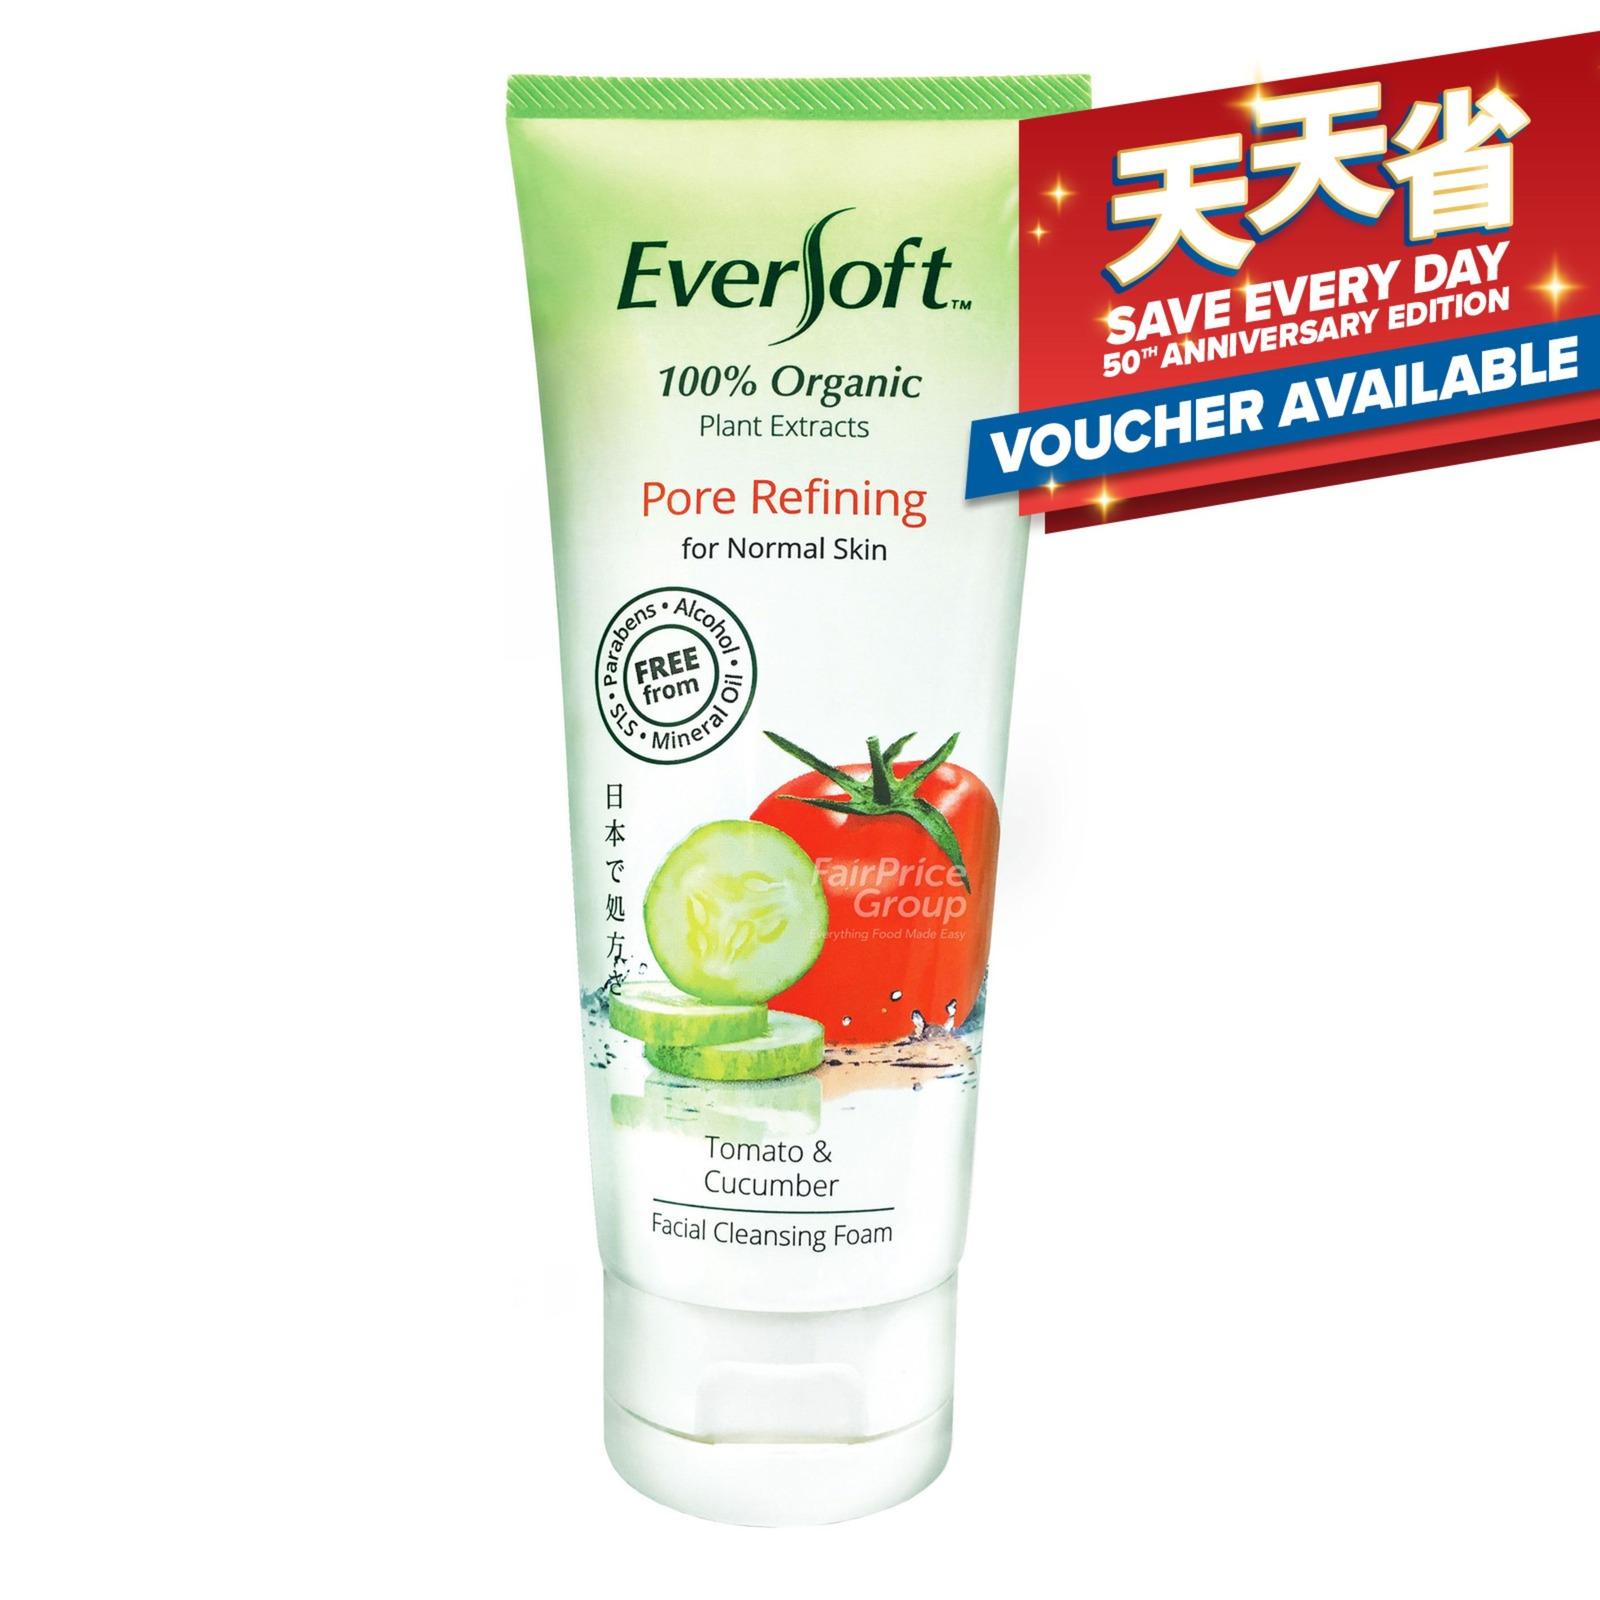 Eversoft Organic Cleanser Foam - Pore Refining